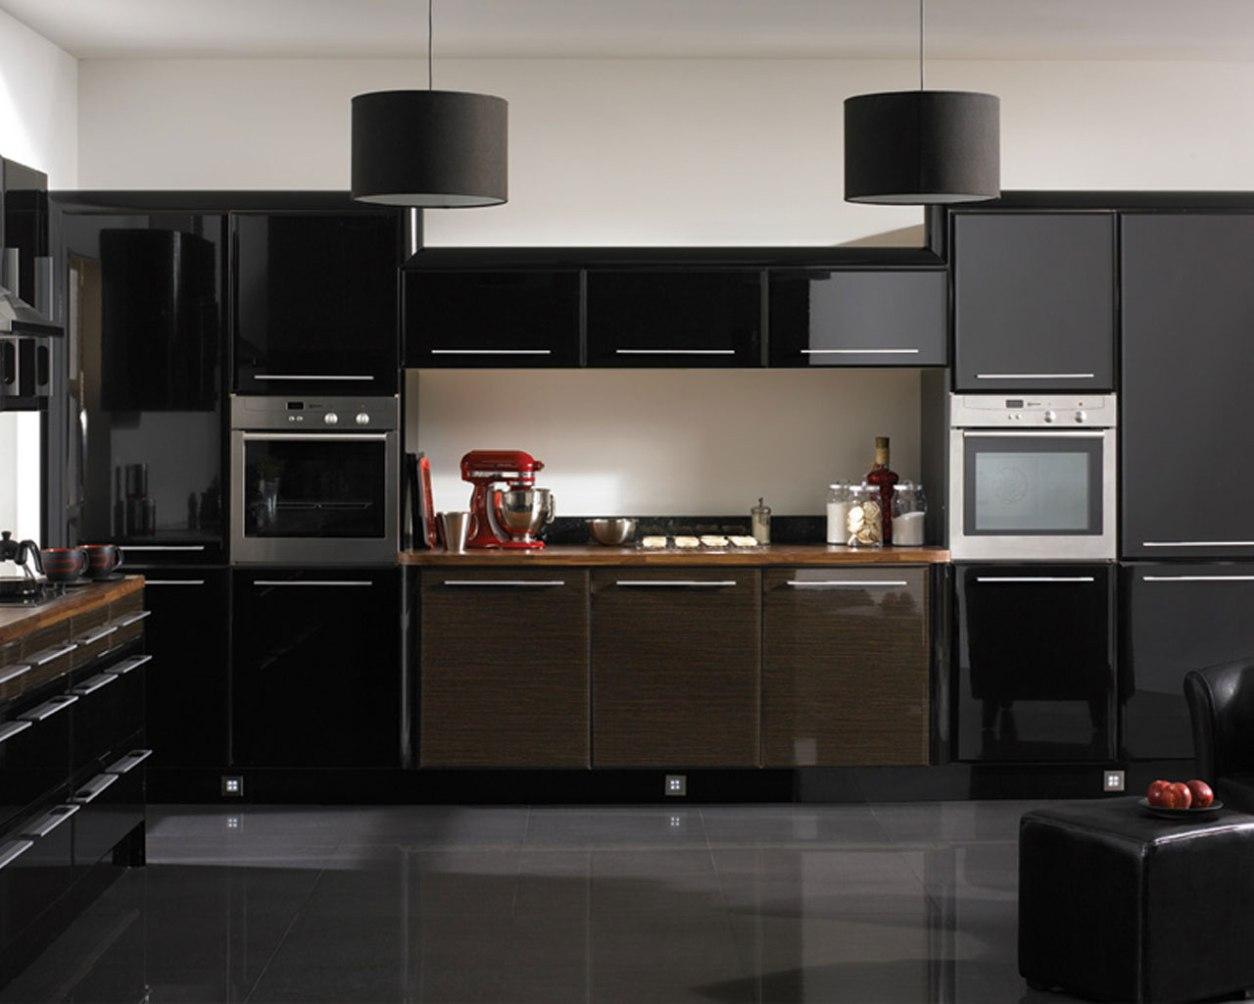 cuisines-avec-armoires-noires